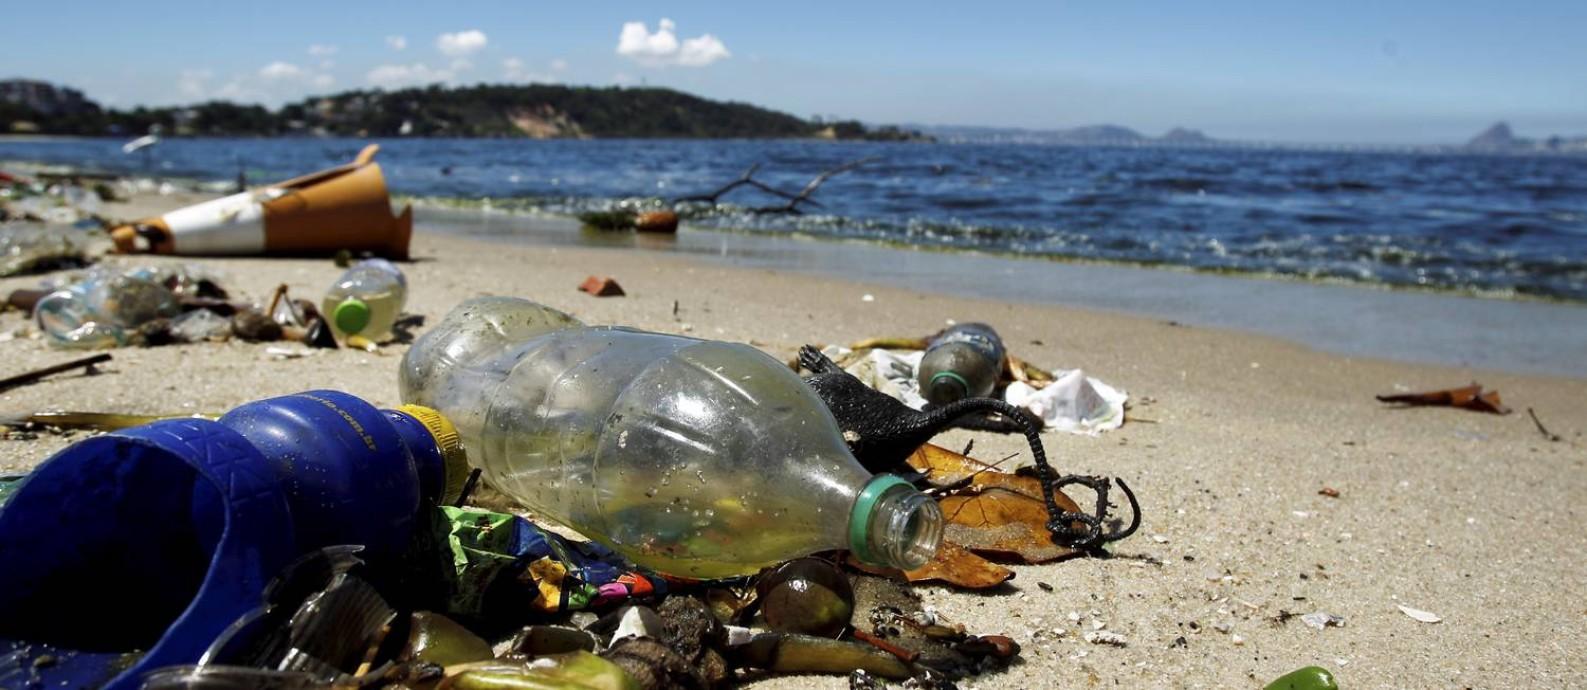 Garrafas sujam as areias da Praia da Bica, na Ilha do Governador: reciclagem de embalagens está no centro de uma polêmica nacional Foto: Marcelo Piu / O Globo